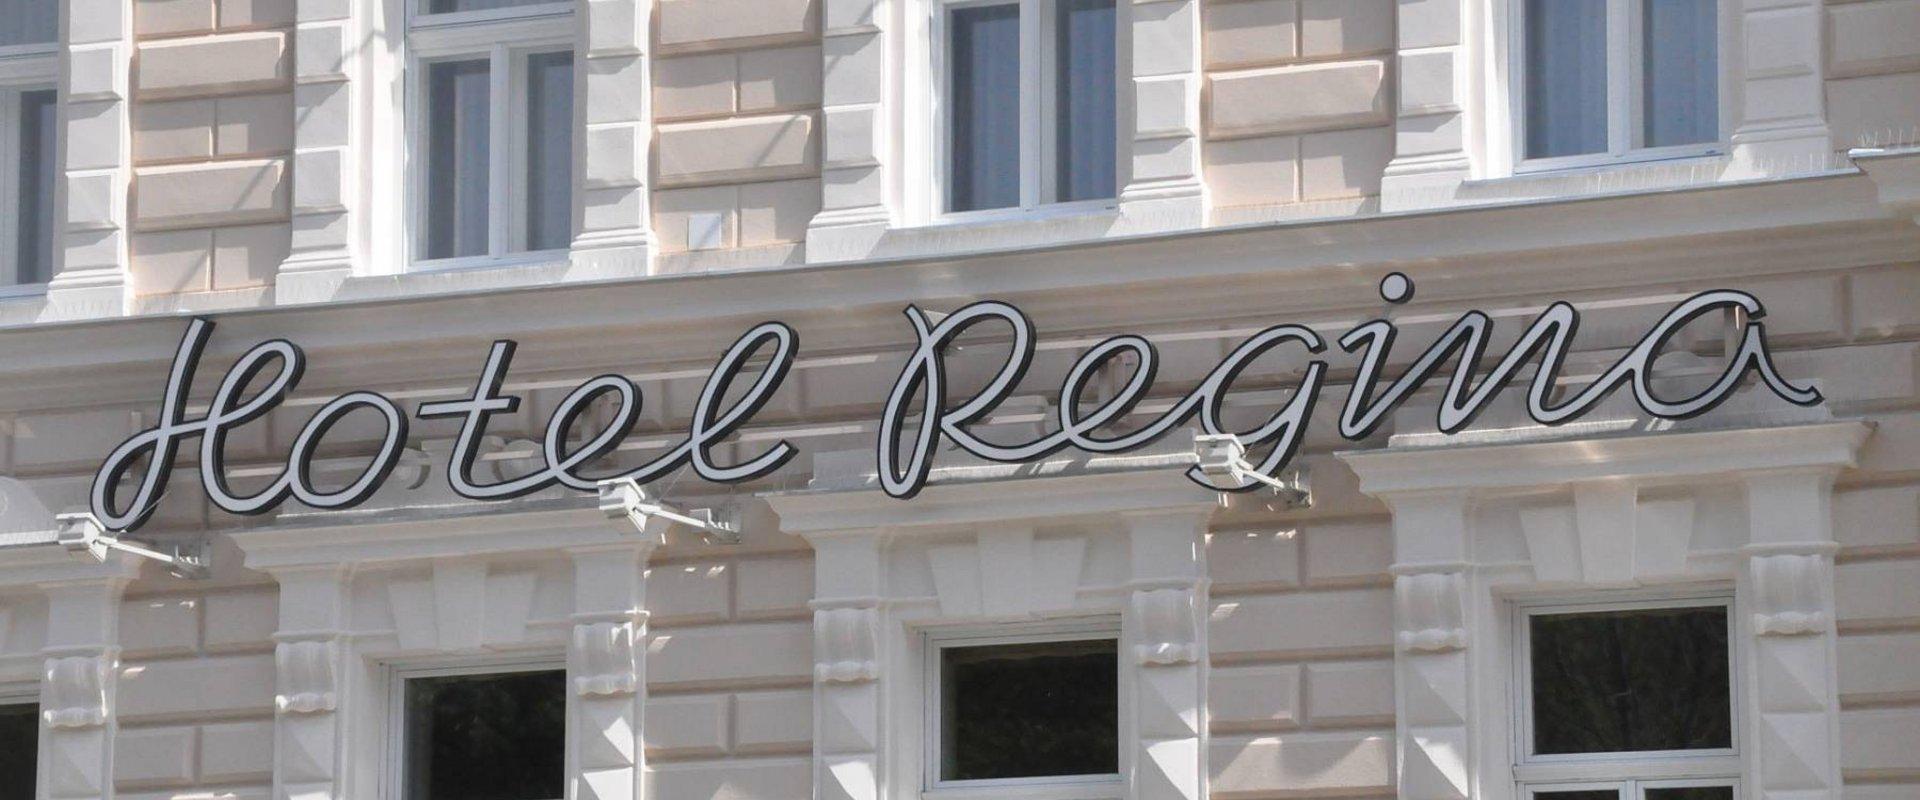 Anreise Kremslehner Hotels Wien